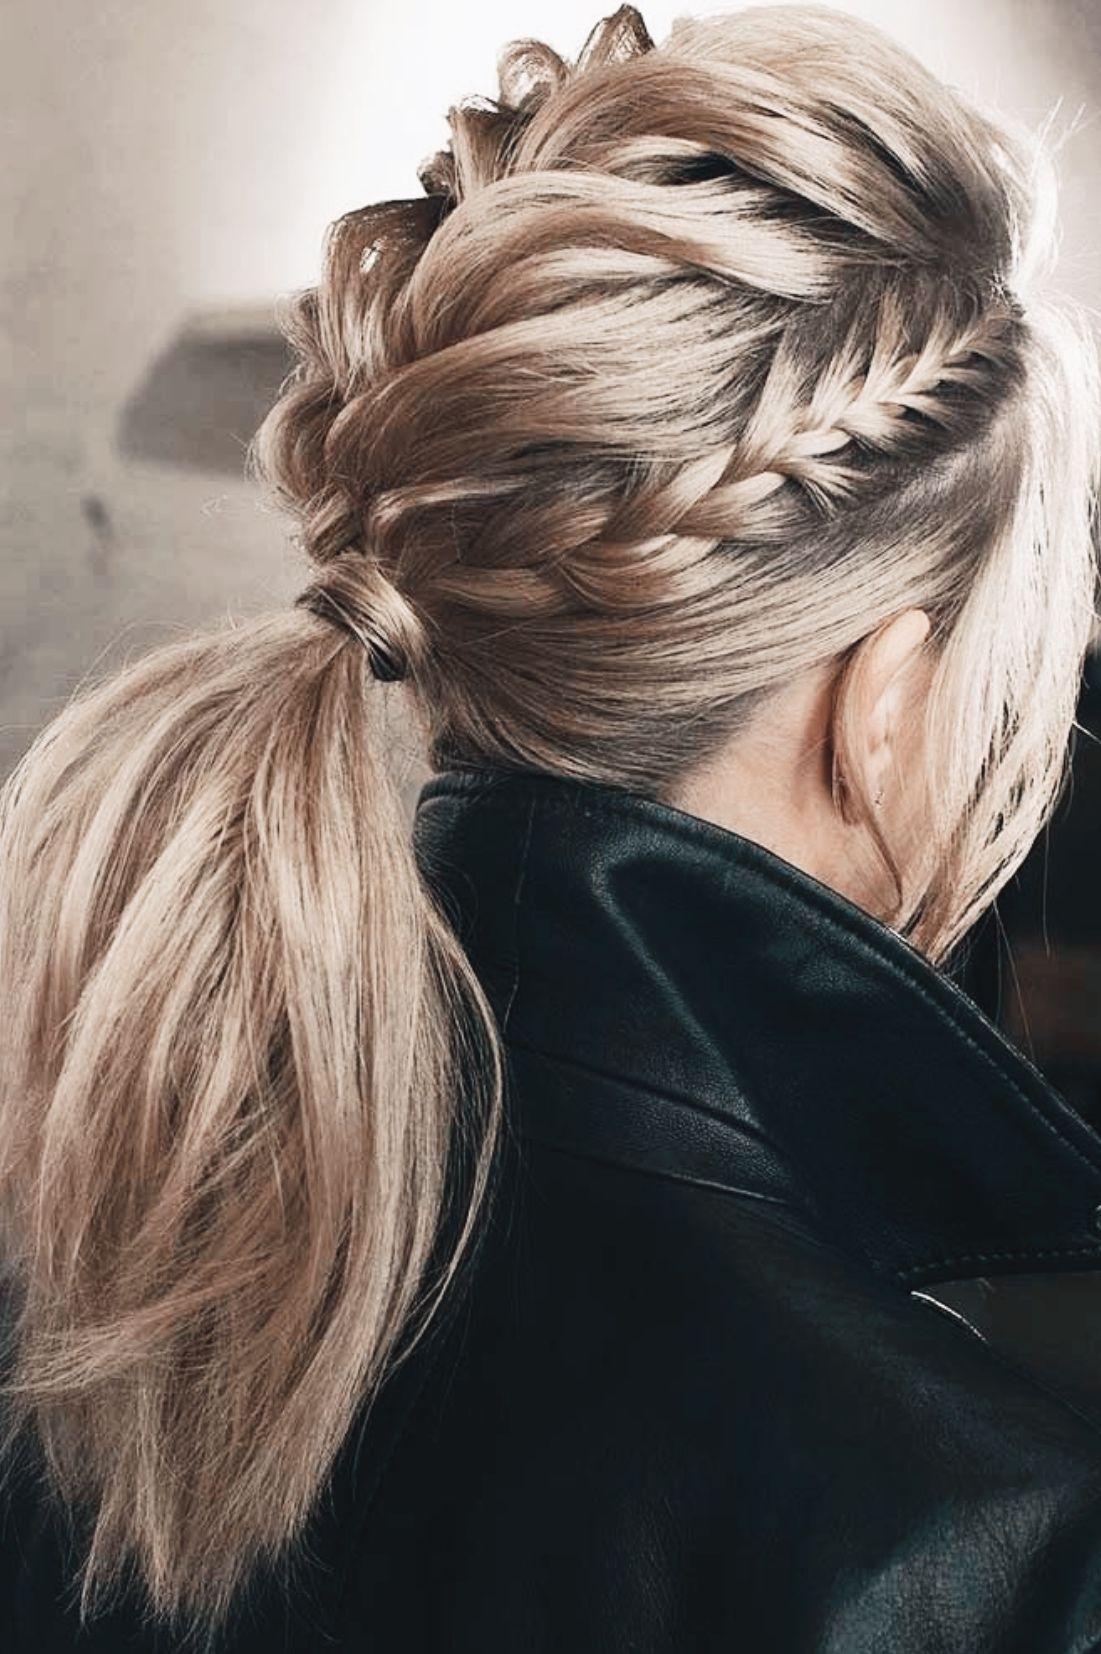 P I N T E R E S T C A L L I E Messyshorthairstyles Messyshorthairstyles In 2020 Braided Hairstyles Updo Hair Styles Trendy Hairstyles